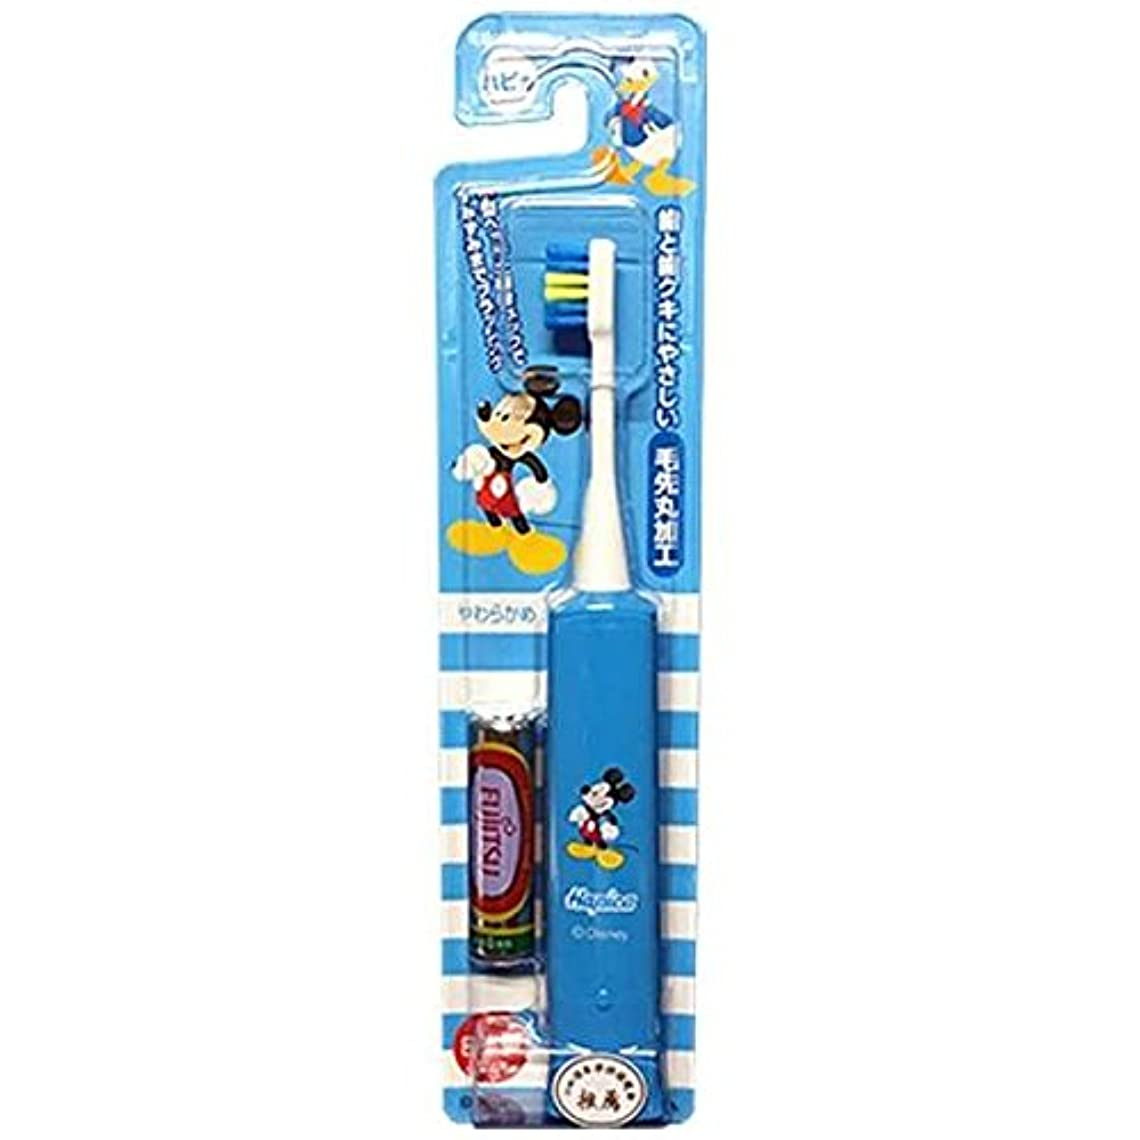 欠陥避難する避難するミニマム 電動付歯ブラシ こどもハピカ ミッキー(ブルー) 毛の硬さ:やわらかめ DBK-5B(MK)